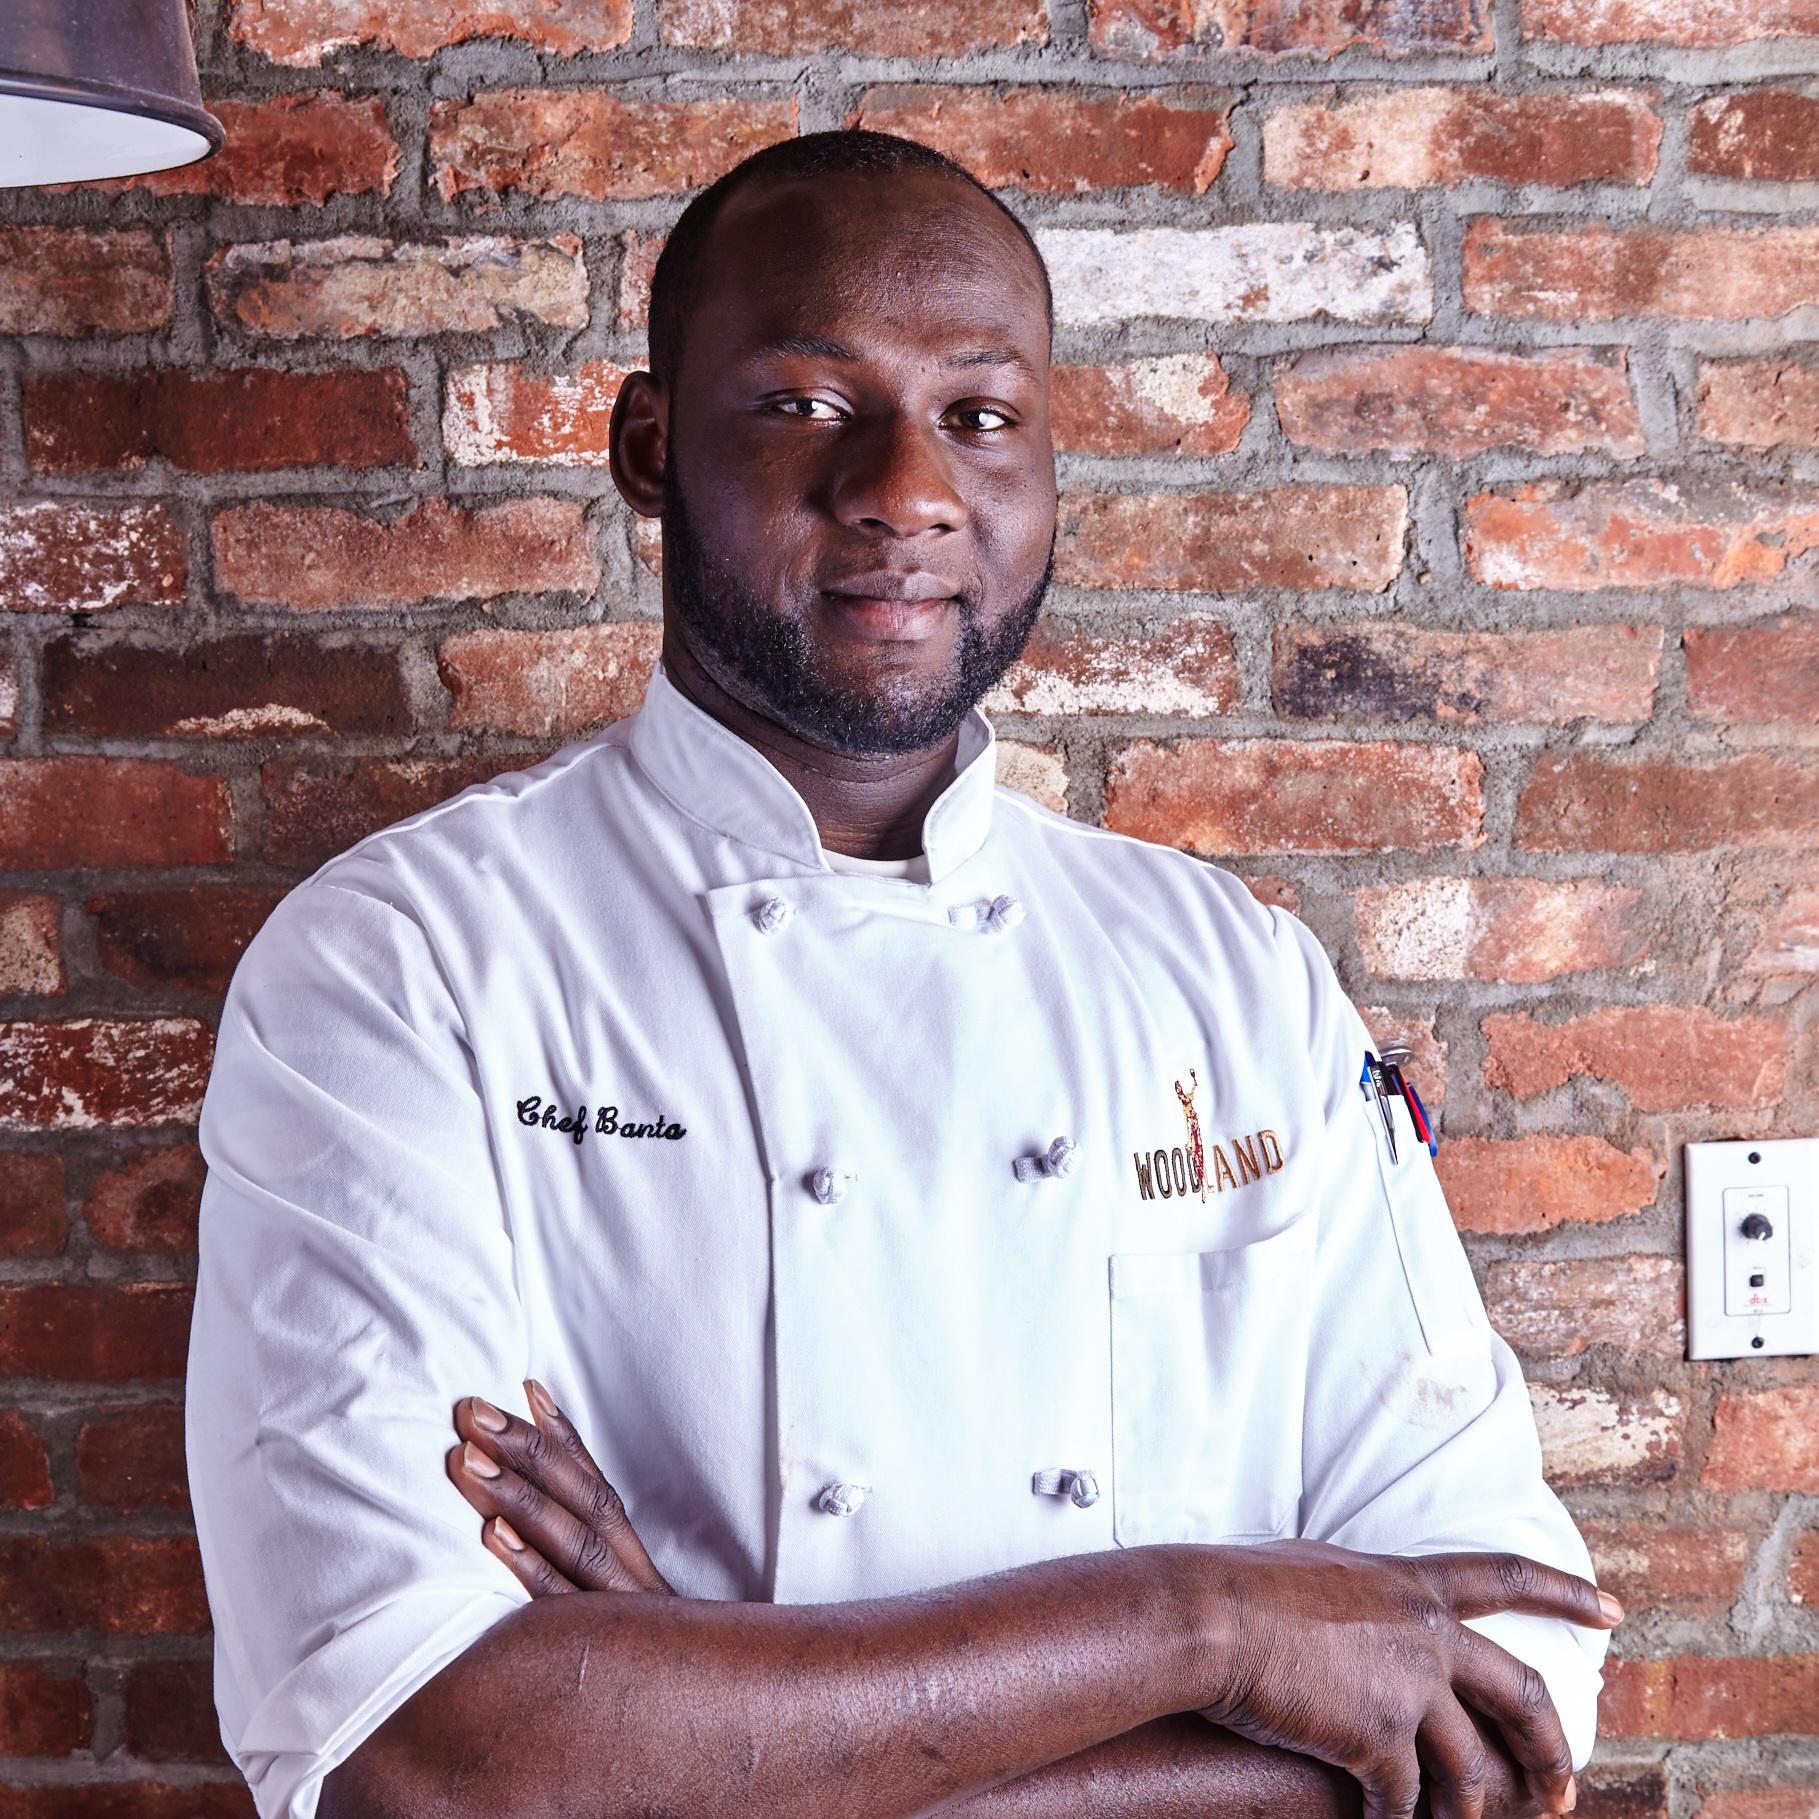 Chef Banta